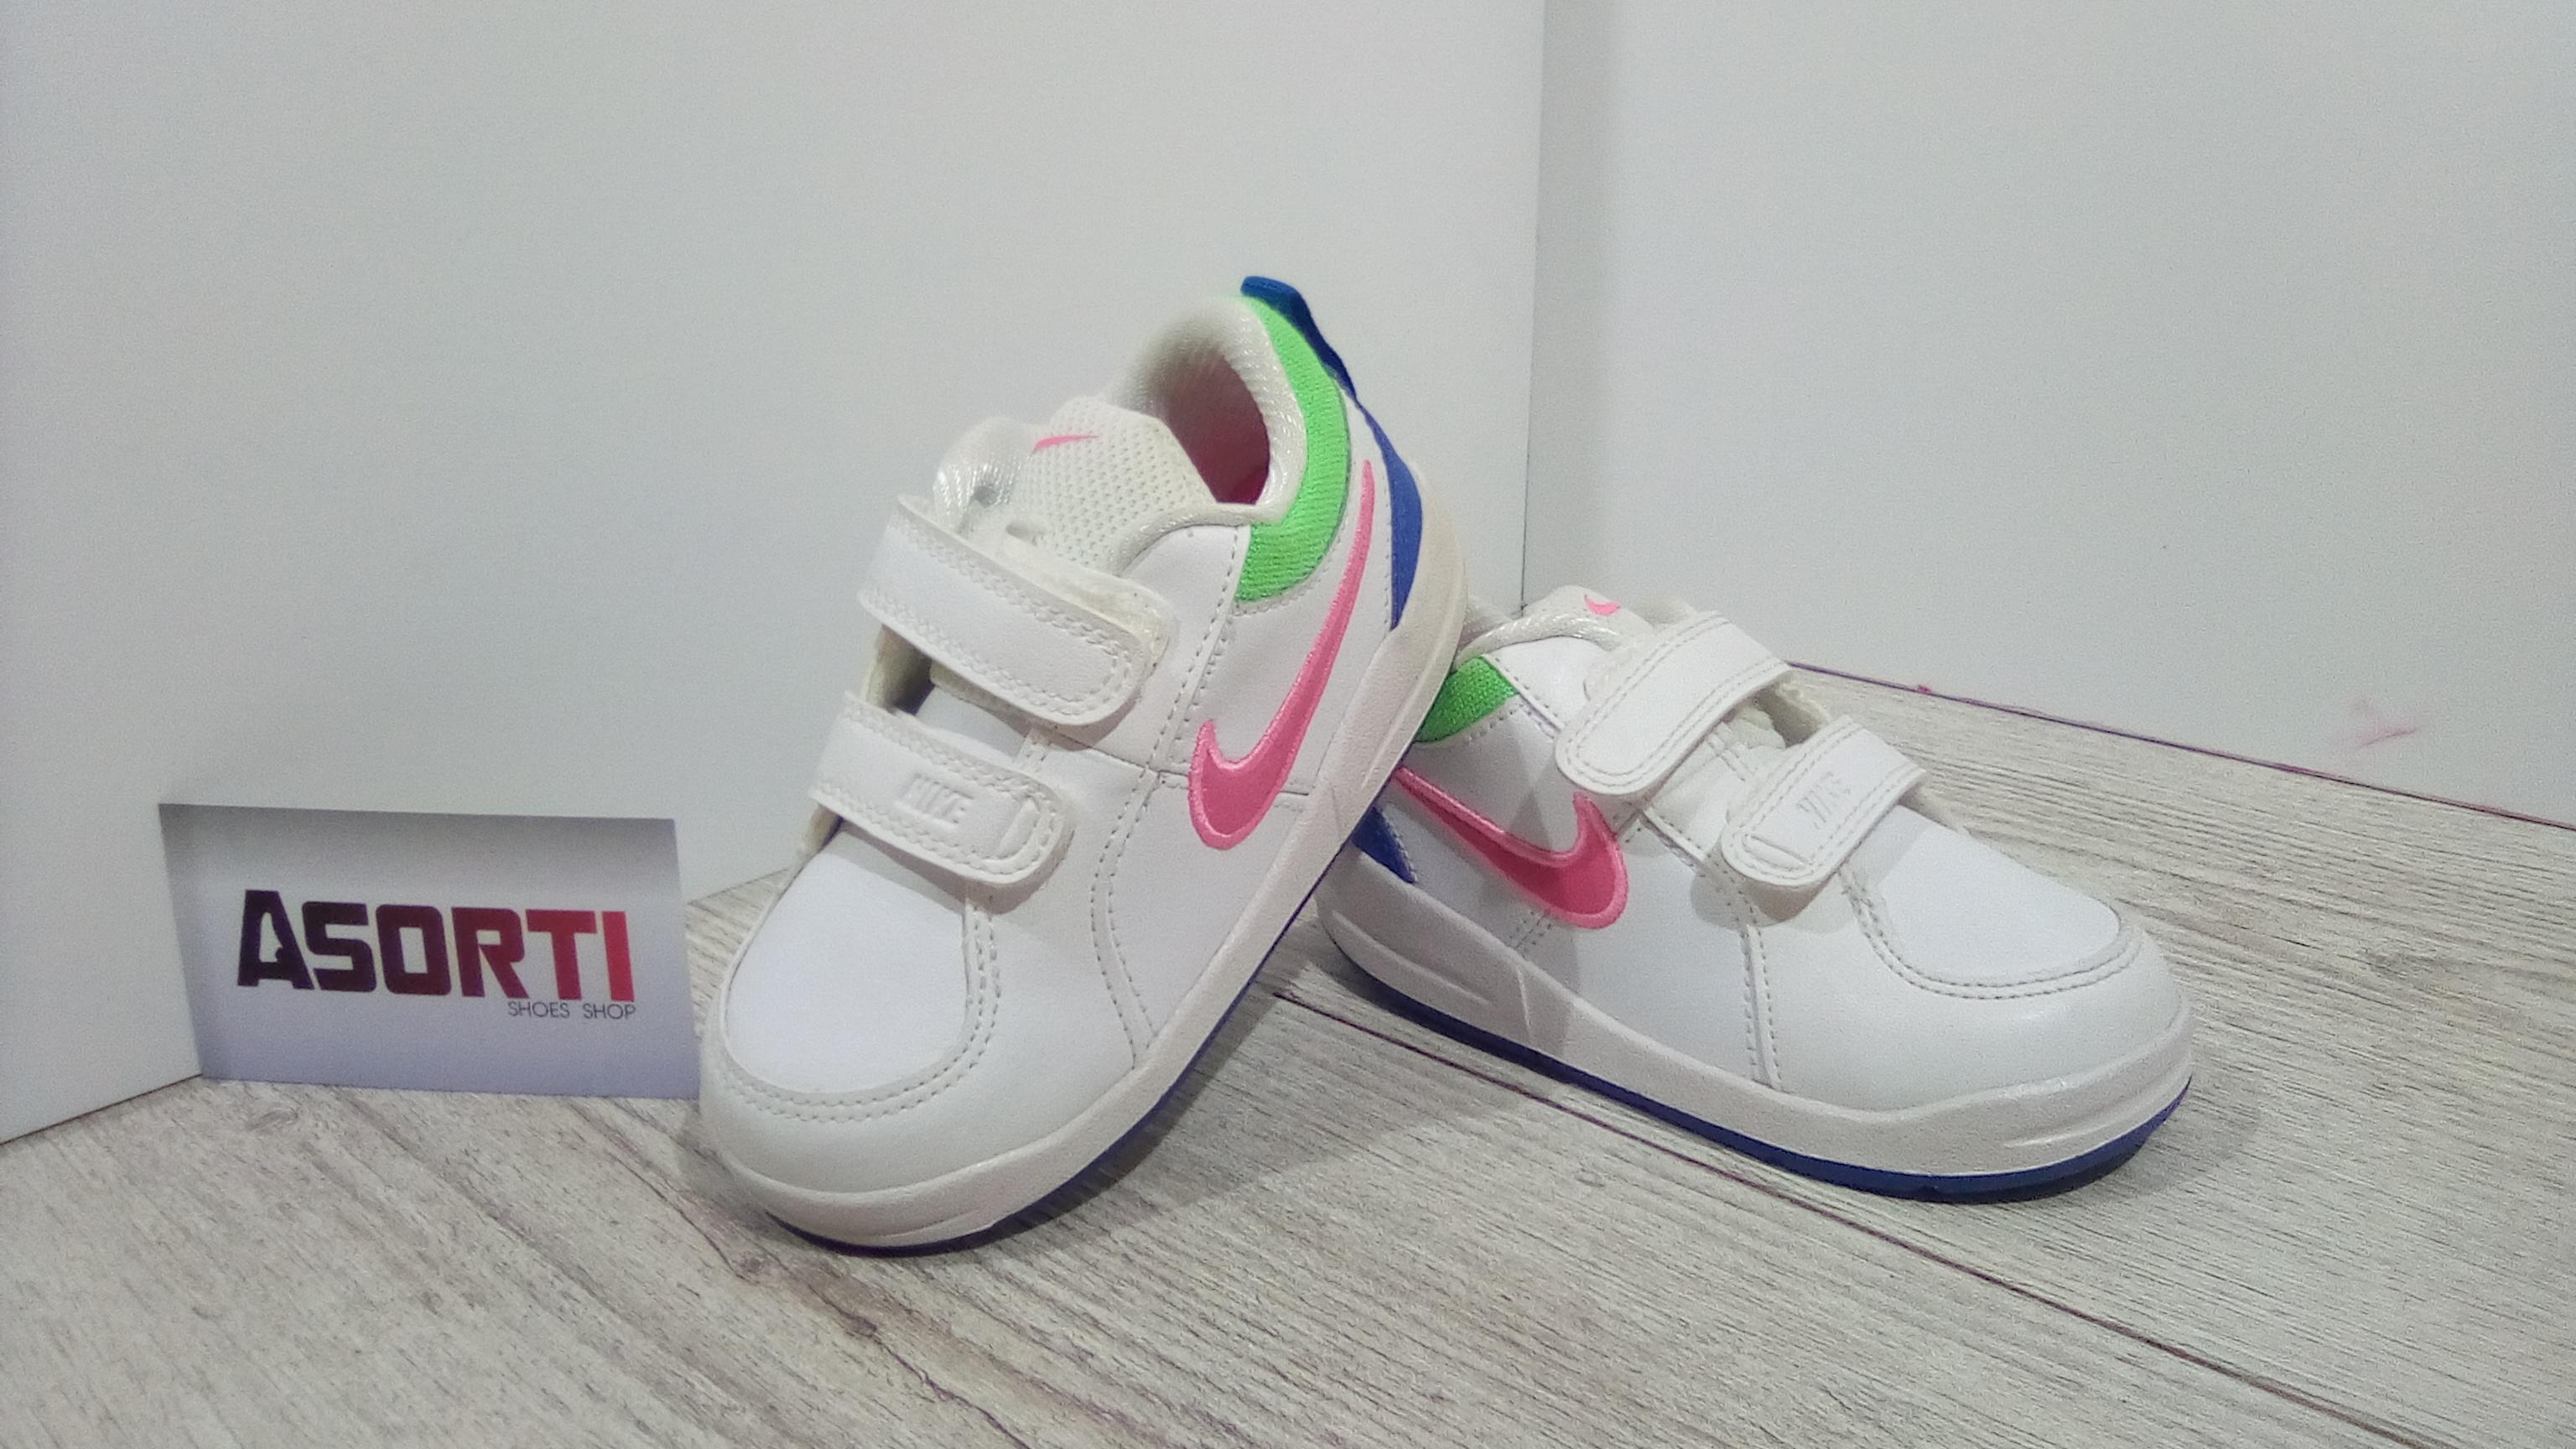 4d02c2bf Детские кроссовки Nike Pico 4 TDV (454478-121) белые купить в ...